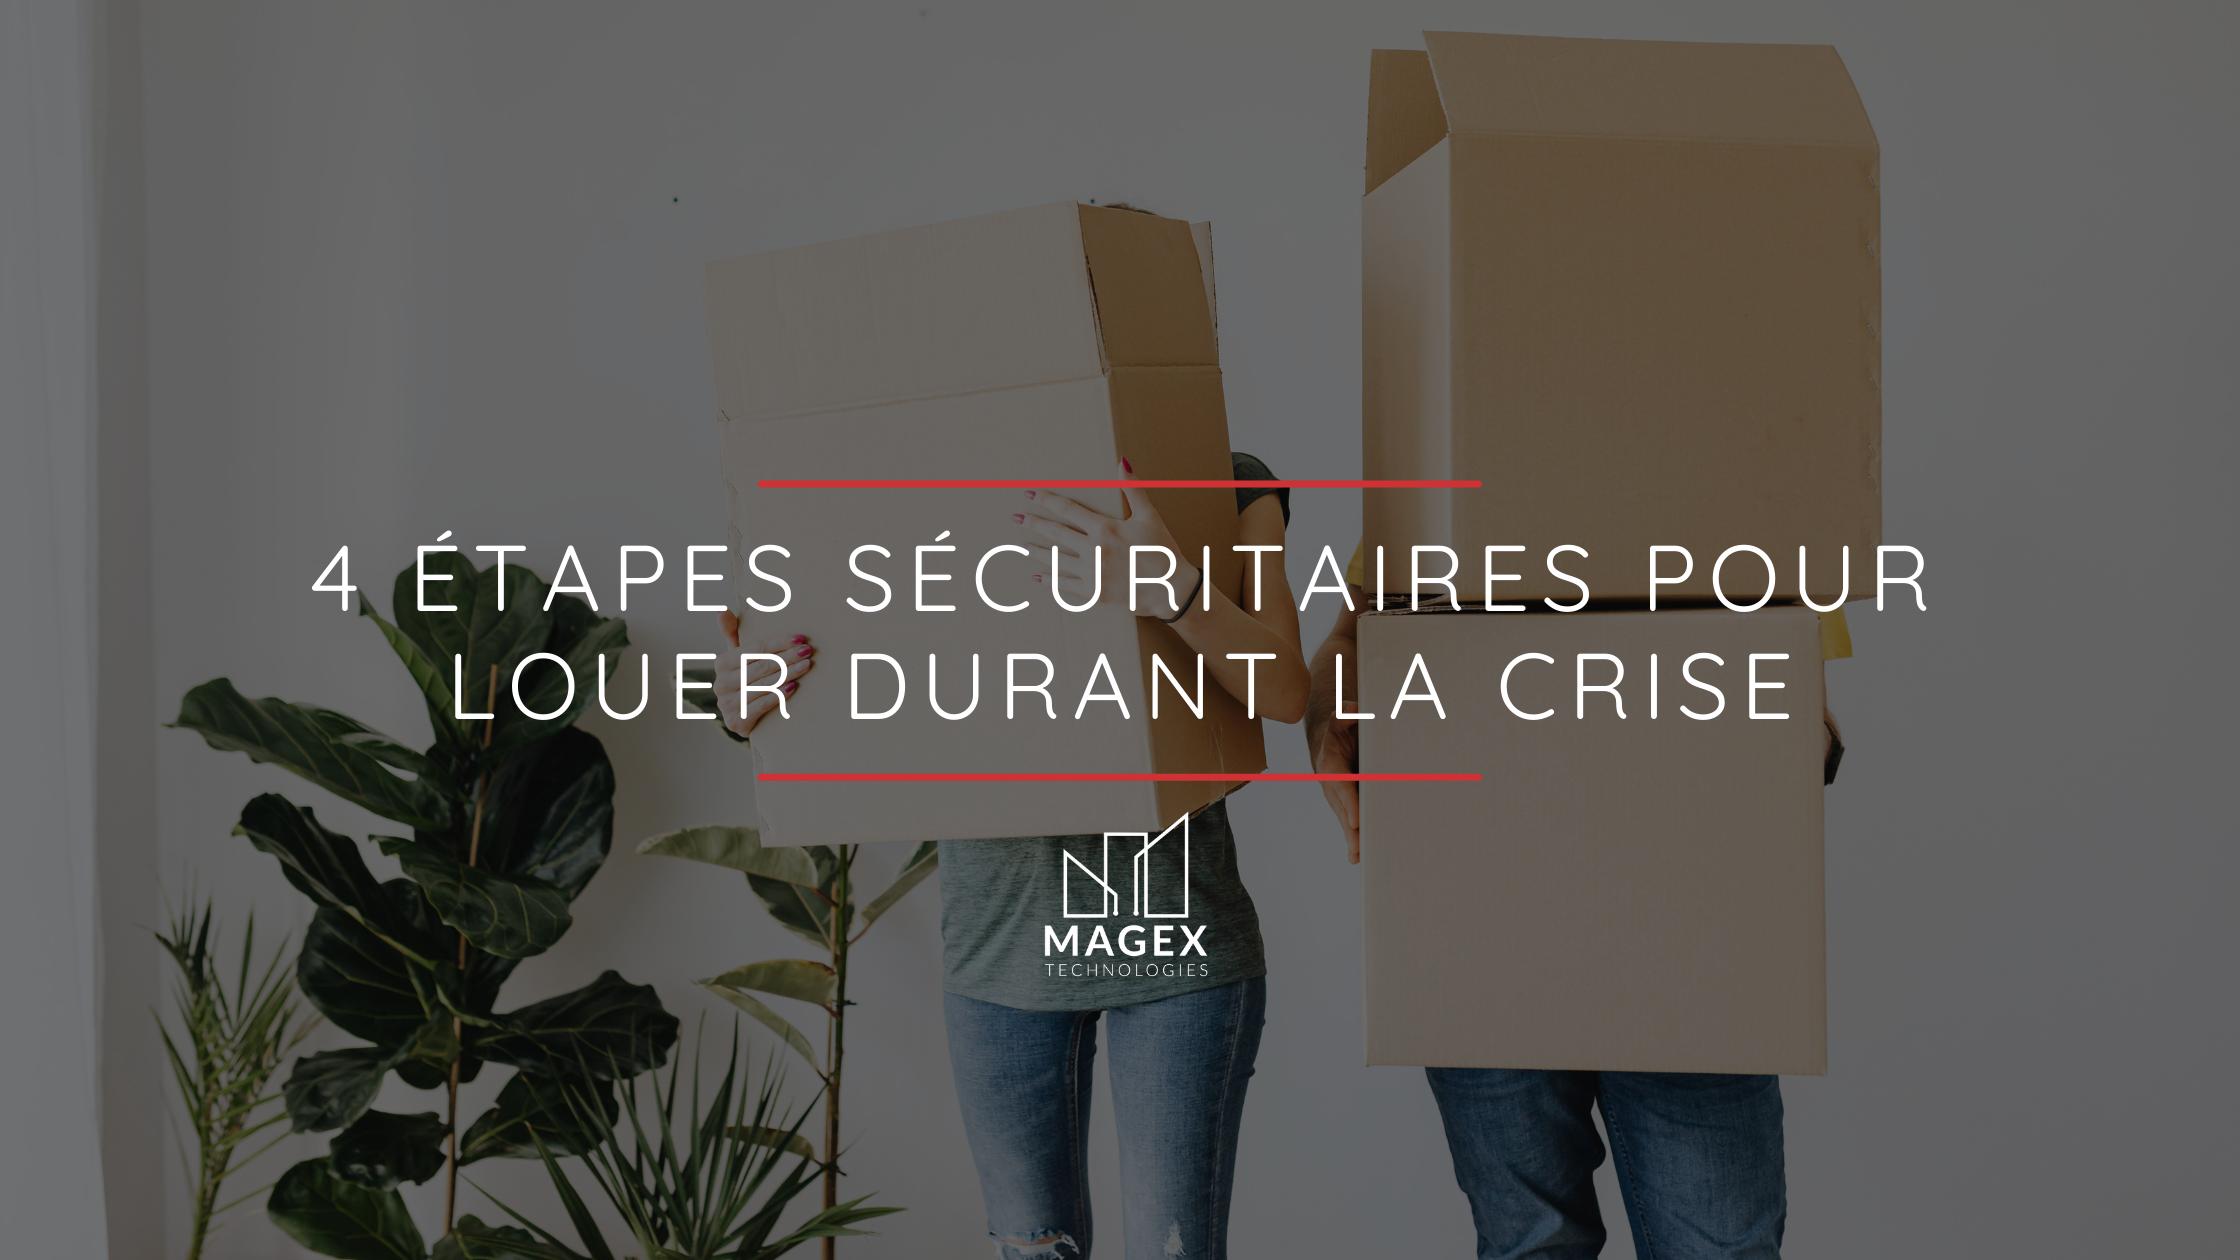 4 étapes sécuritaires pour louer durant la crise